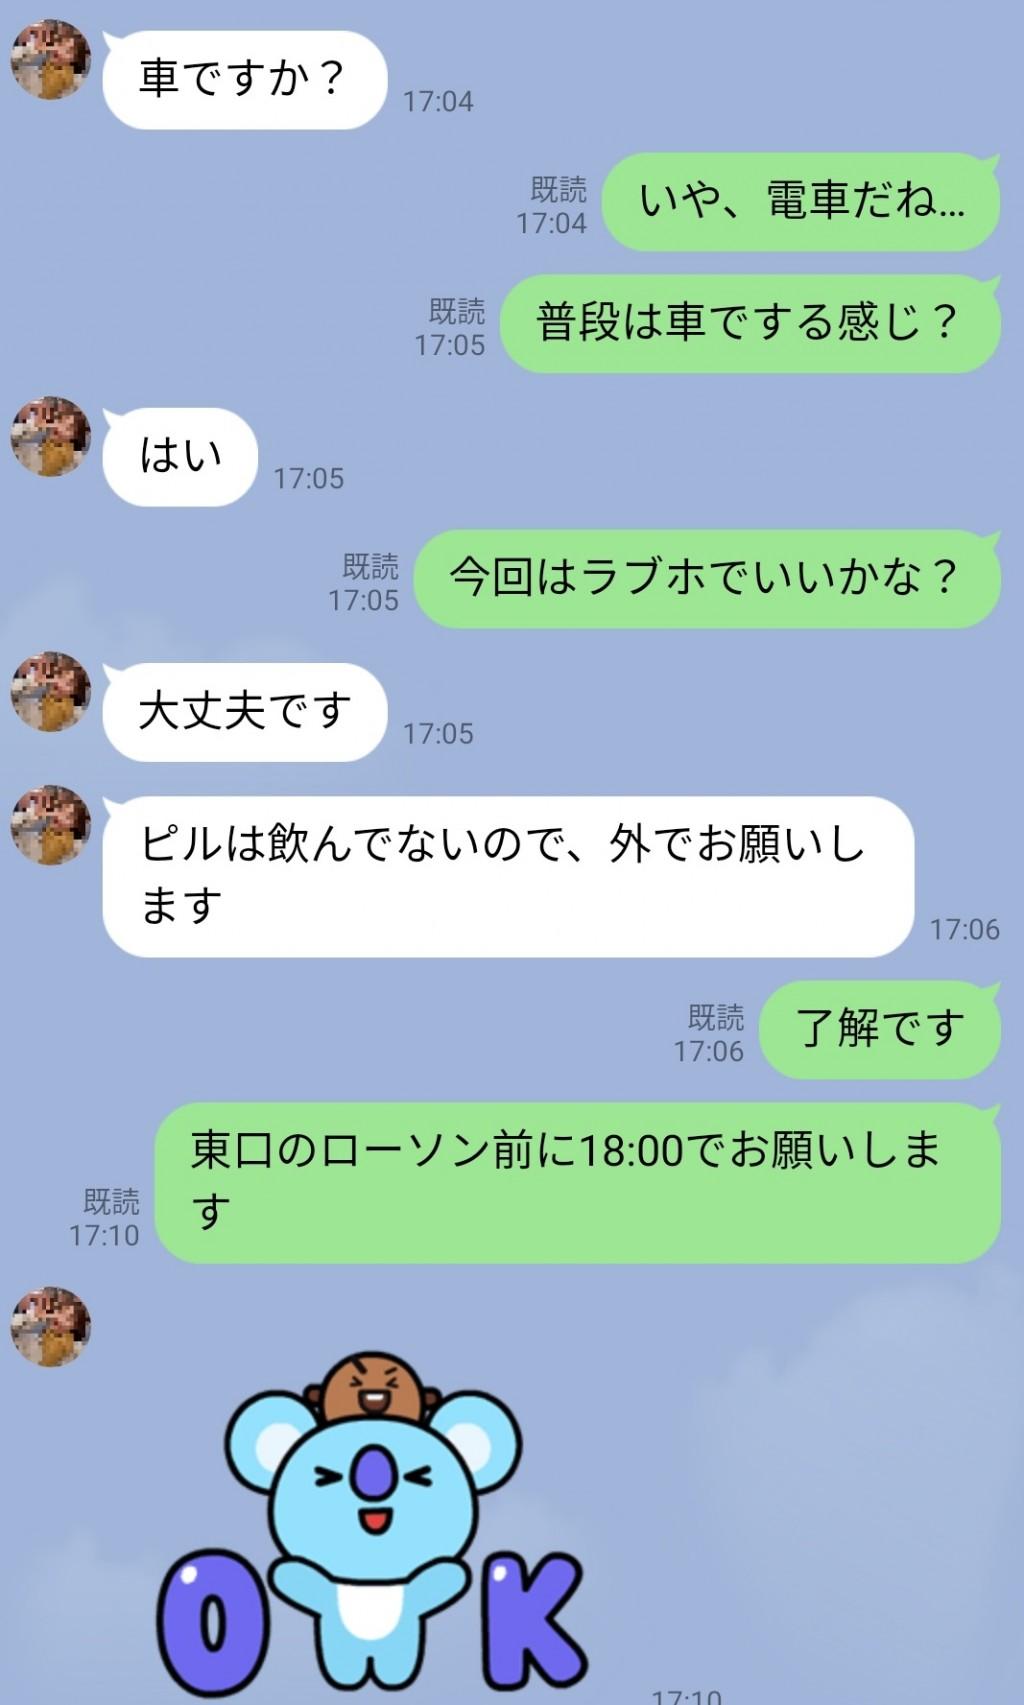 土浦の出会い系のLINE